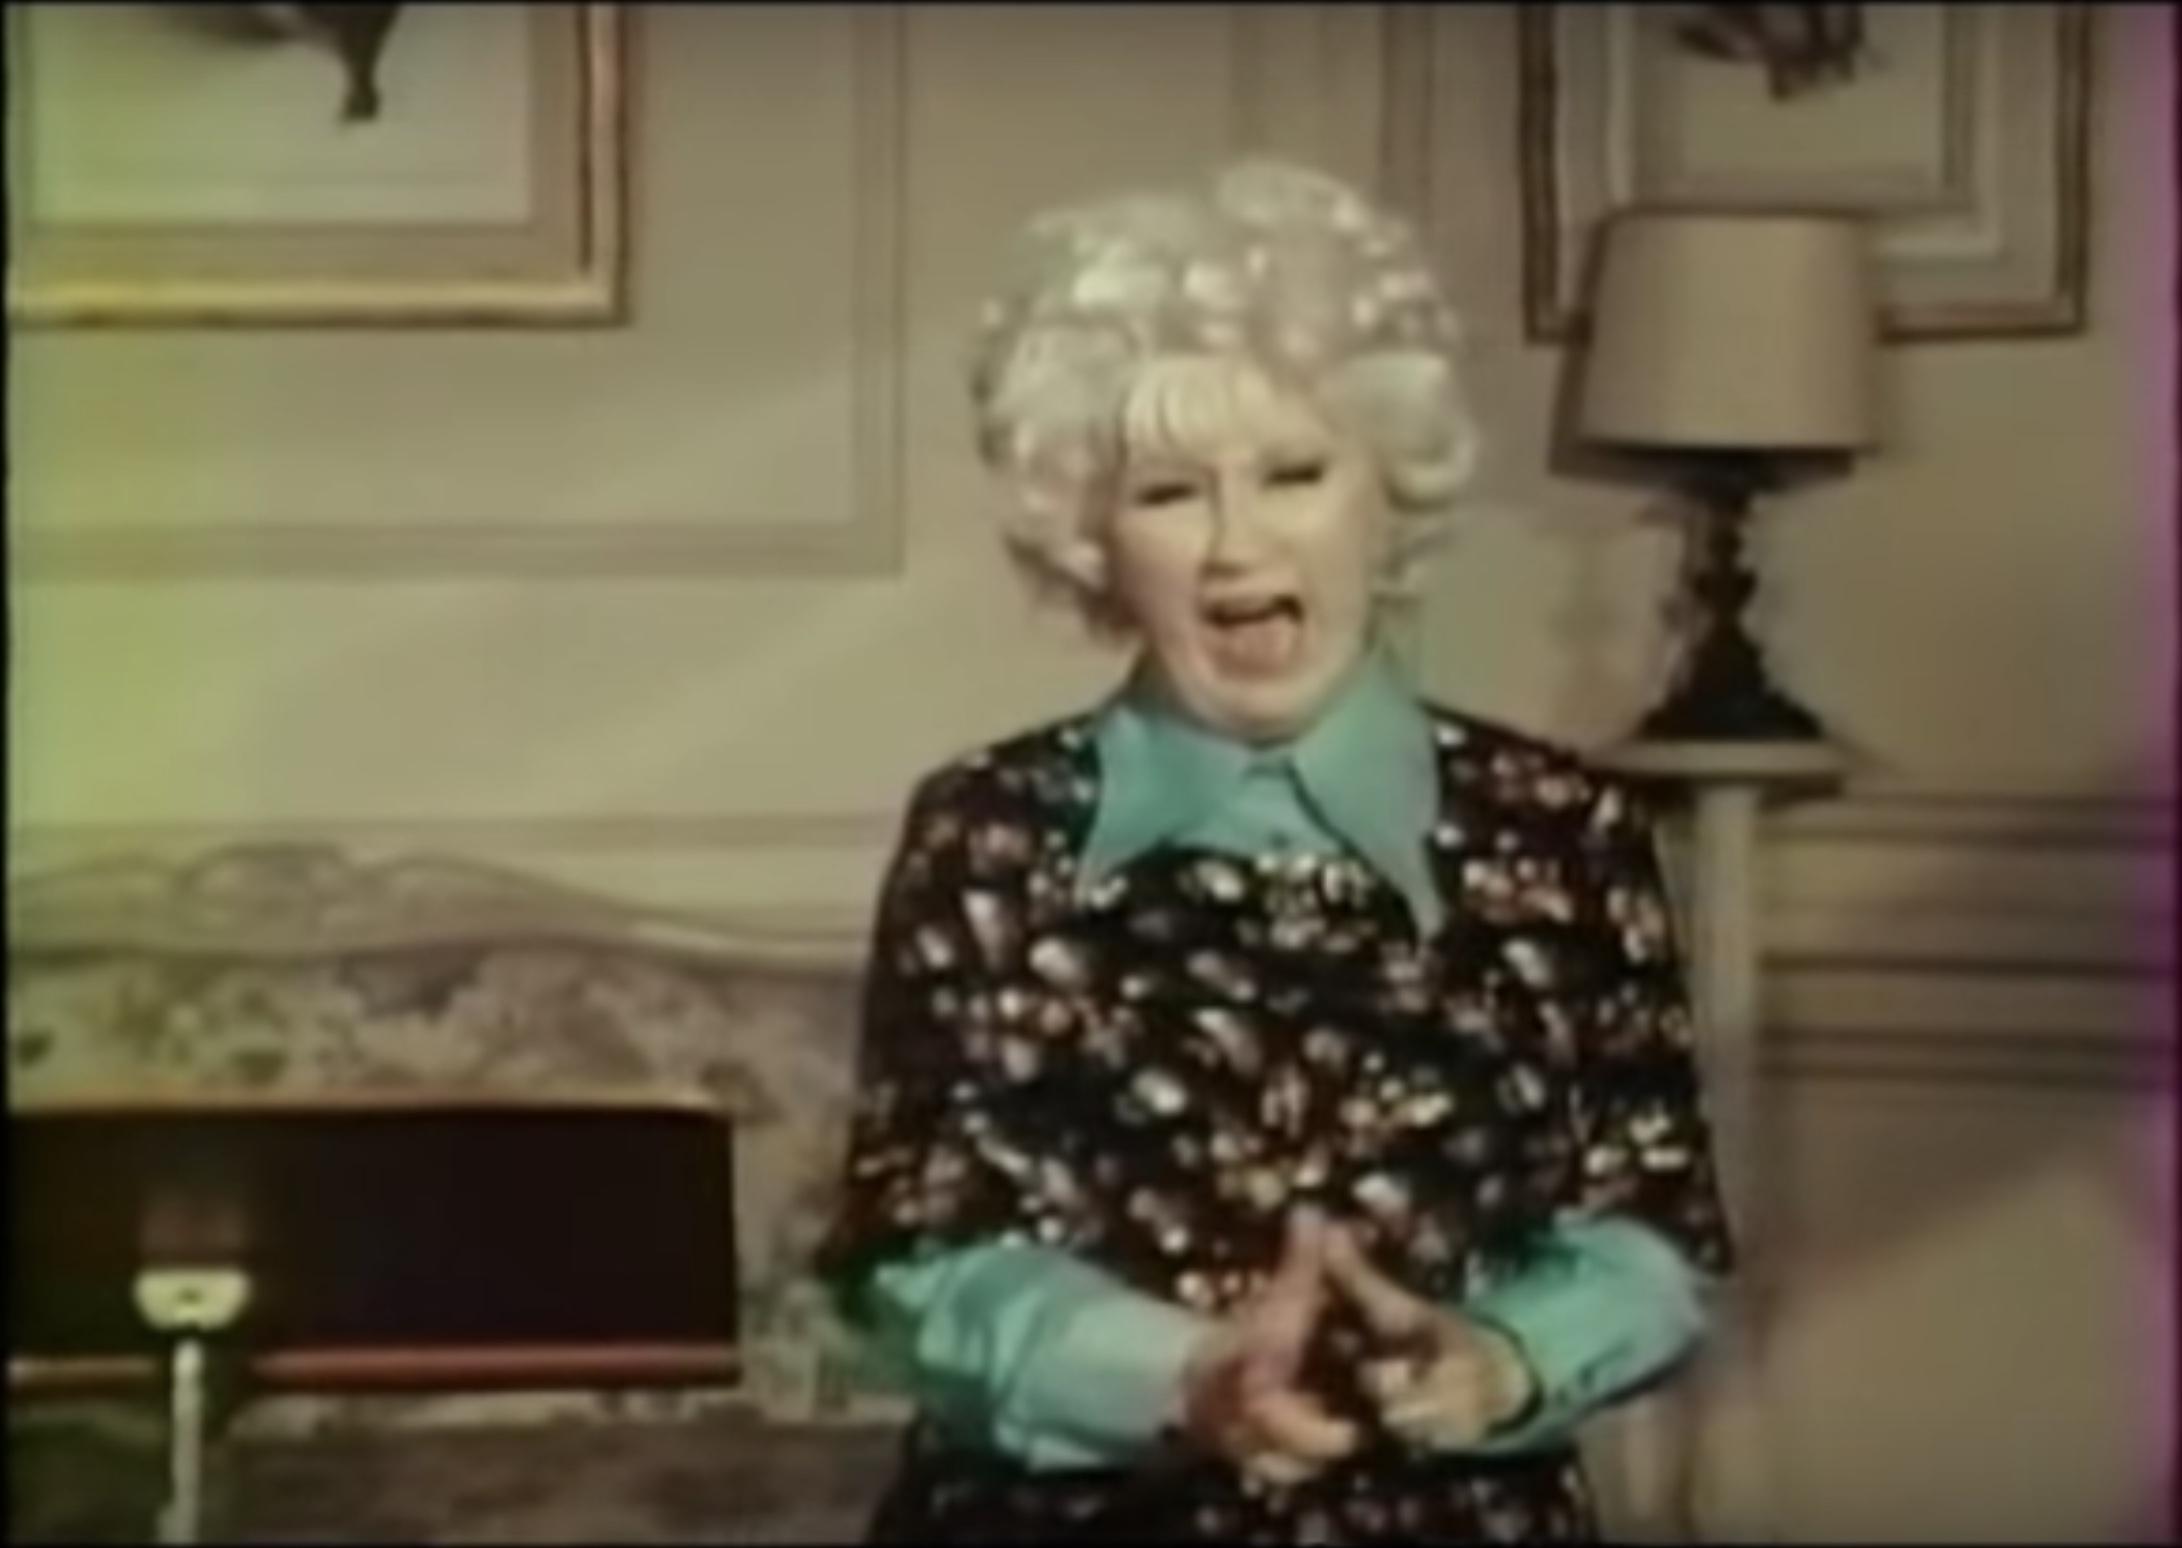 Ein Screenshot aus dem Video Stripsody von Cathy Berberian. Darin erkundet die Komponisten und Sängerin die Vielfalt der menschlichen Stimme auf eindrucksvolle Weise.